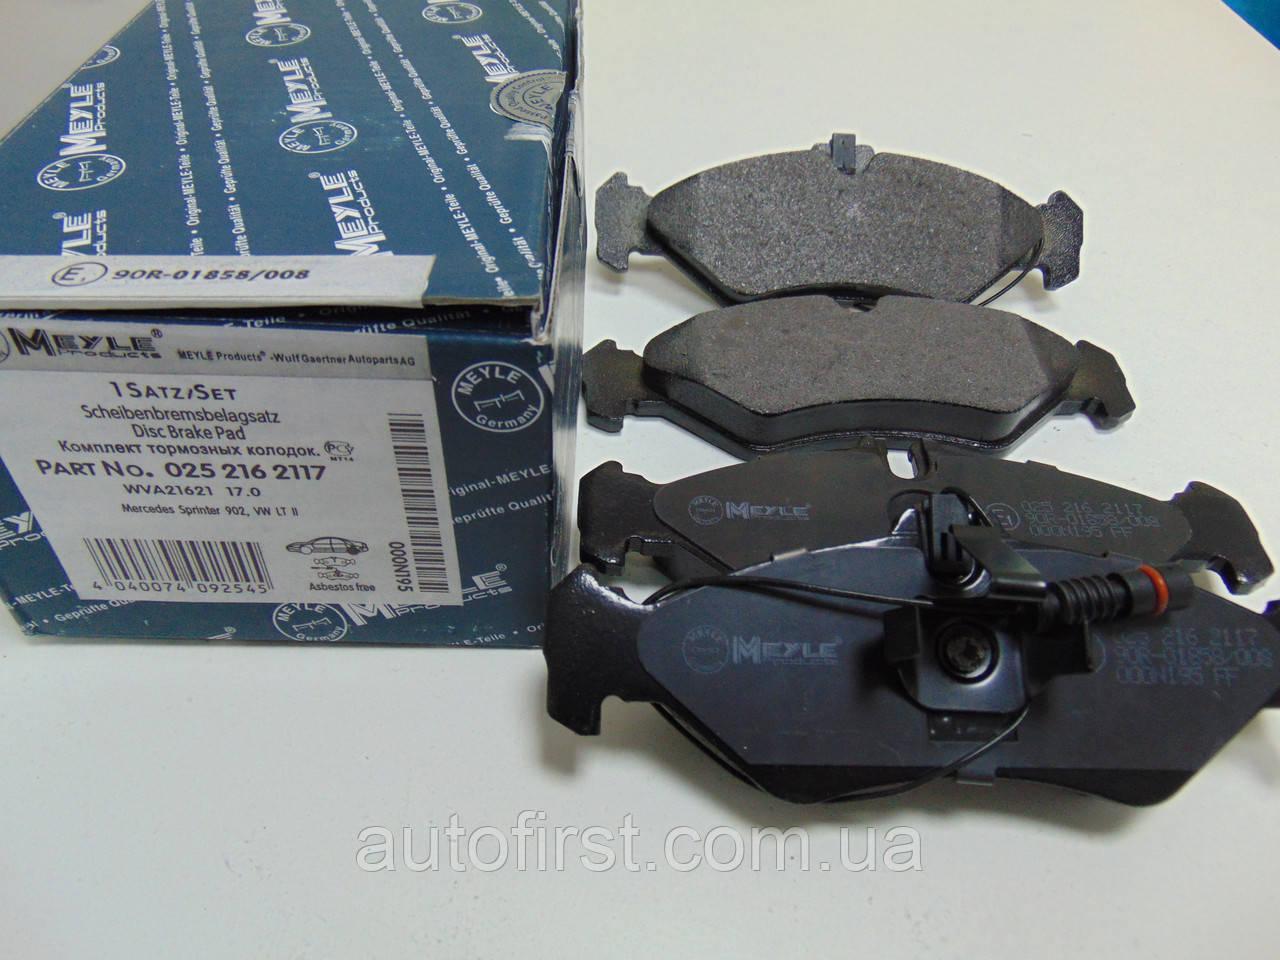 Meyle 025 216 2117 Колодки тормозные задние Sprinter , VW LT (Германия)